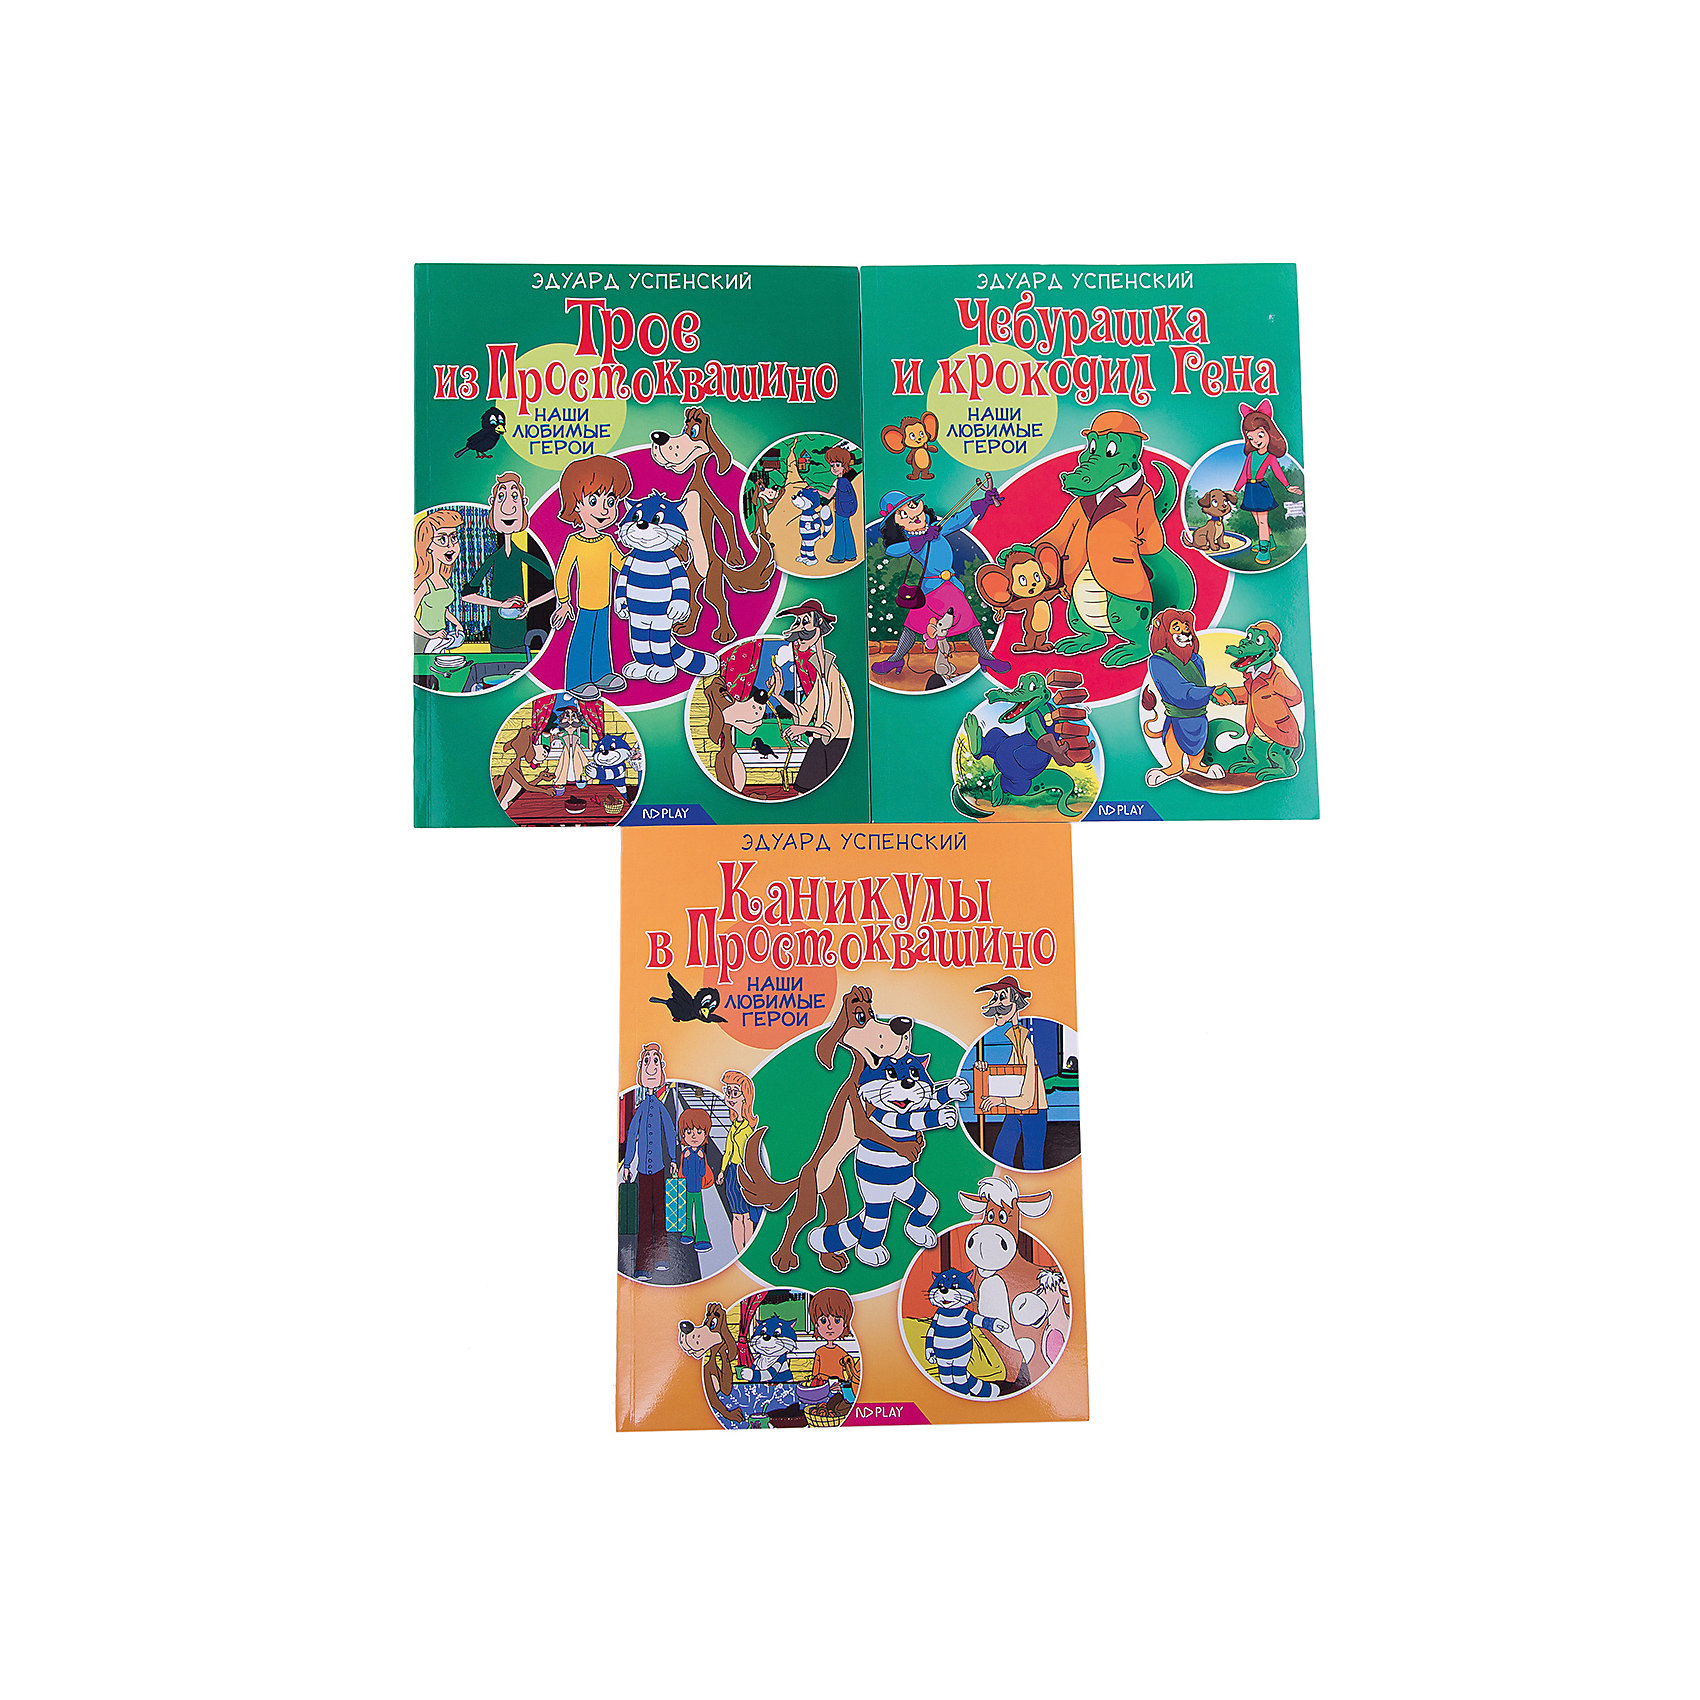 Комплект из 3 книг  Наши любимые герои, Э. УспенскийУспенский Э.Н.<br>Характеристики:<br><br>• возраст: от 3 лет<br>• в комплекте: 3 книги (Чебурашка и крокодил Гена, Трое из Простоквашино, Каникулы в Простоквашино)<br>• автор: Эдуард Успенский<br>• издательство: НД Плэй<br>• серия: Наши любимые герои<br>• тип обложки: мягкий переплет (крепление скрепкой или клеем)<br>• иллюстрации: цветные<br>• количество страниц в каждой книге: 48 (офсет)<br>• размер одной книги: 25х20х1 см.<br>• вес одной книги: 100 гр.<br>• ISBN: 4690241154707<br><br>Новая встреча с любимыми героями! Весёлые и смешные, забавные и поучительные произведения Эдуарда Успенского любят читать и взрослые, и дети. Серьезный и рассудительный Дядя Федор, ироничный кот Матроскин, простодушный пес Шарик, Крокодил Гена и Чебурашка учат детей добру, справедливости и взаимовыручки.<br><br>Комплект из 3 книг Наши любимые герои, №2 можно купить в нашем интернет-магазине.<br><br>Ширина мм: 200<br>Глубина мм: 9<br>Высота мм: 253<br>Вес г: 300<br>Возраст от месяцев: 36<br>Возраст до месяцев: 2147483647<br>Пол: Унисекс<br>Возраст: Детский<br>SKU: 6910530